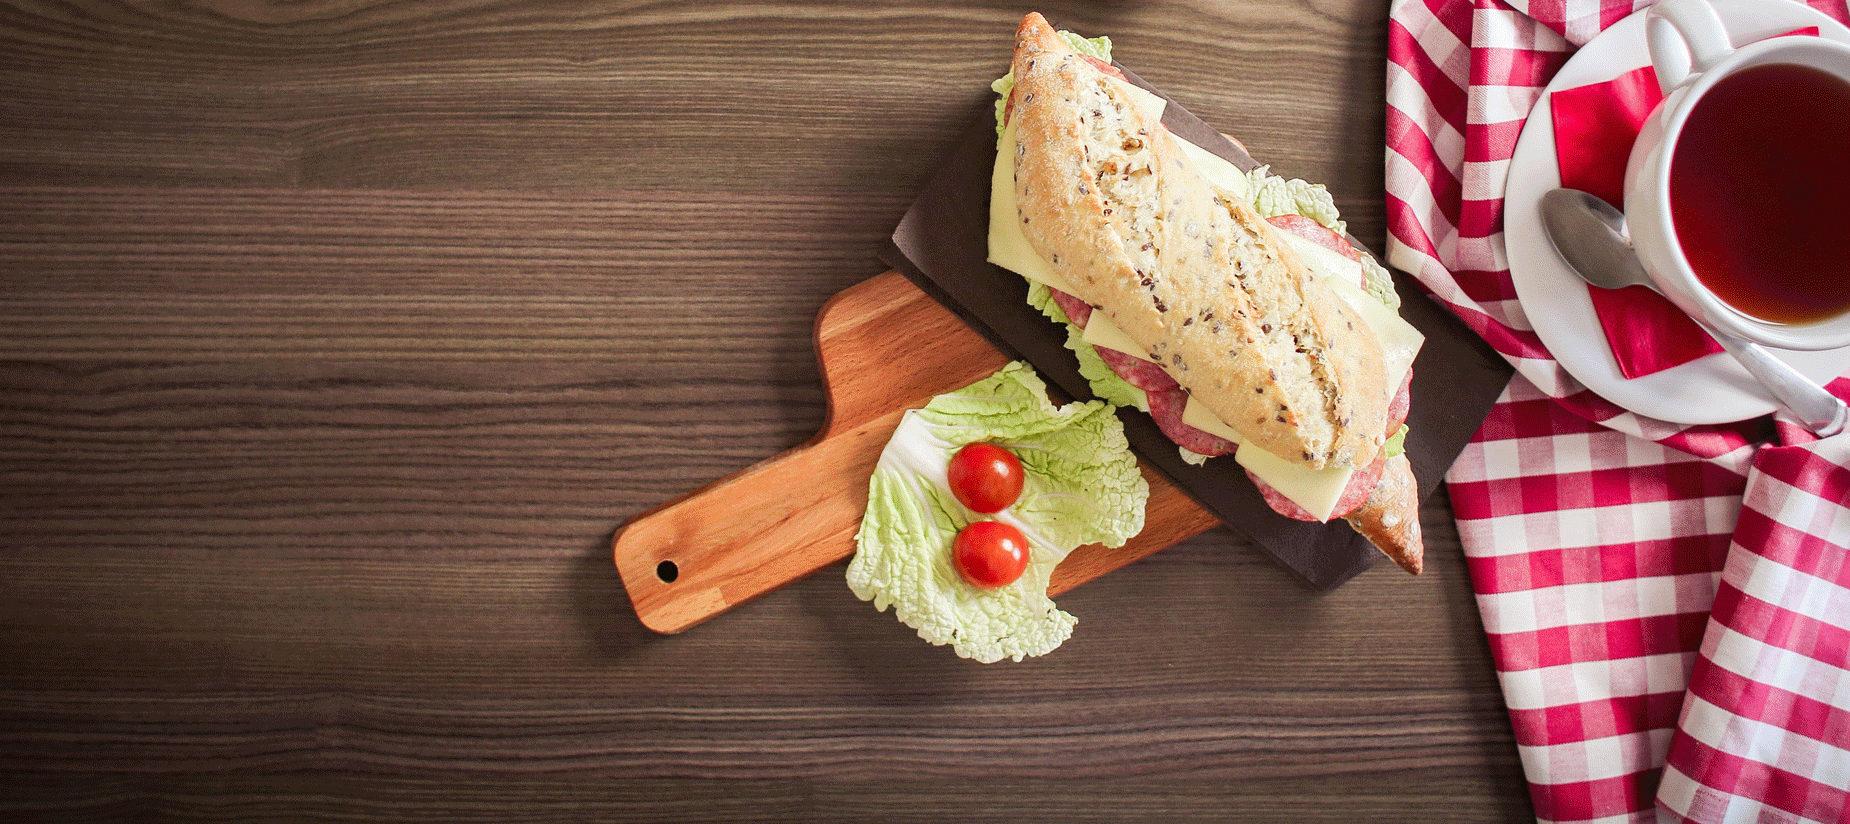 Der Frühstückstisch des Bed and Breakfast Hängebrigga im Goms mit Sandwich Tee und Früchten